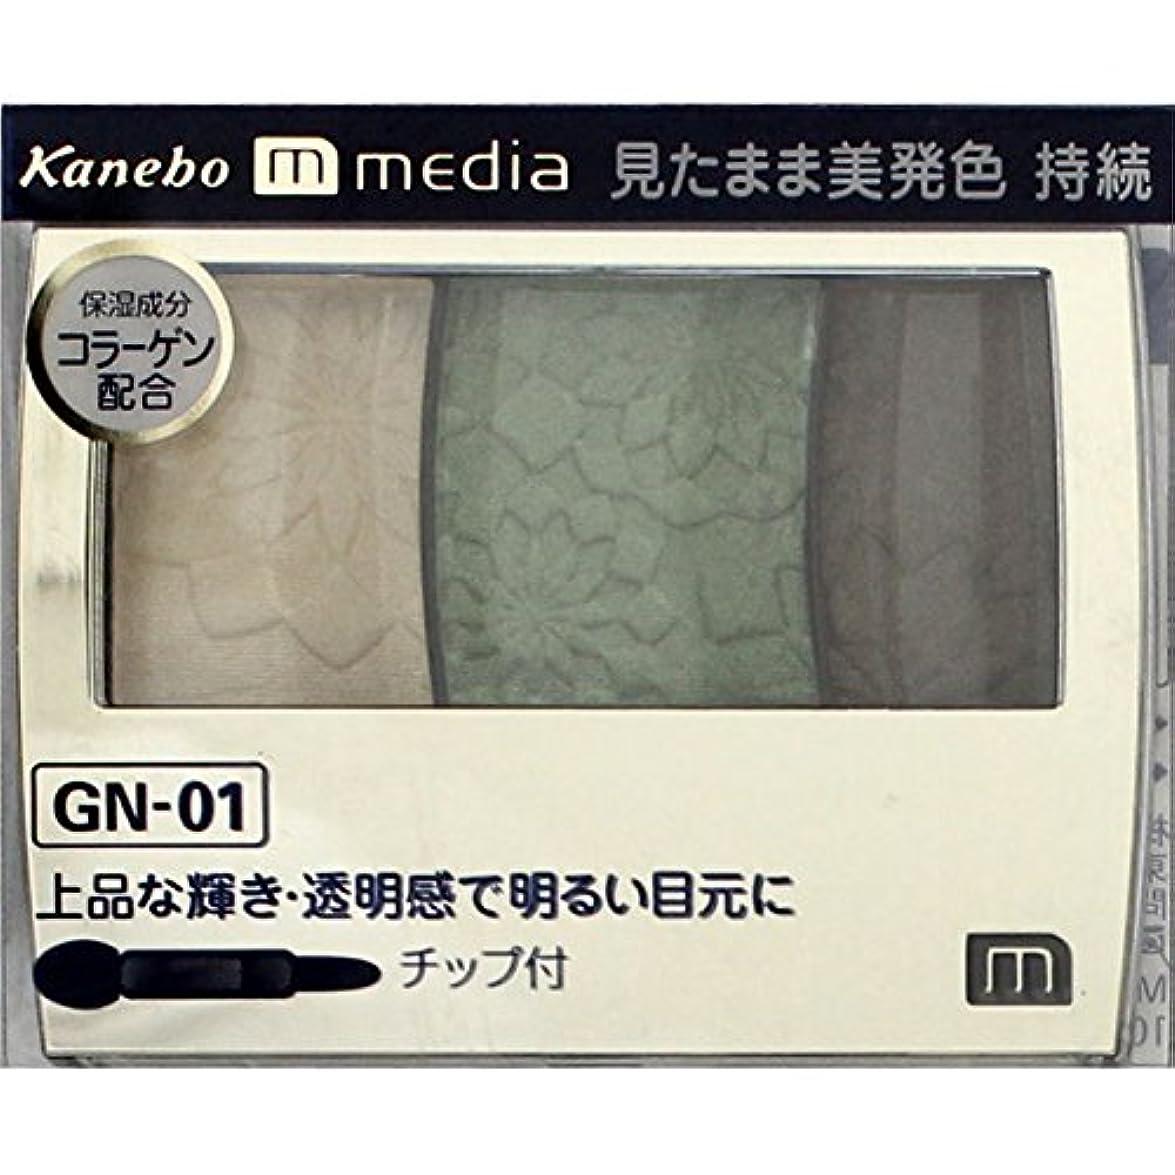 仕事に行く政治家の責める【カネボウ】 メディア グラデカラーアイシャドウ GN-01